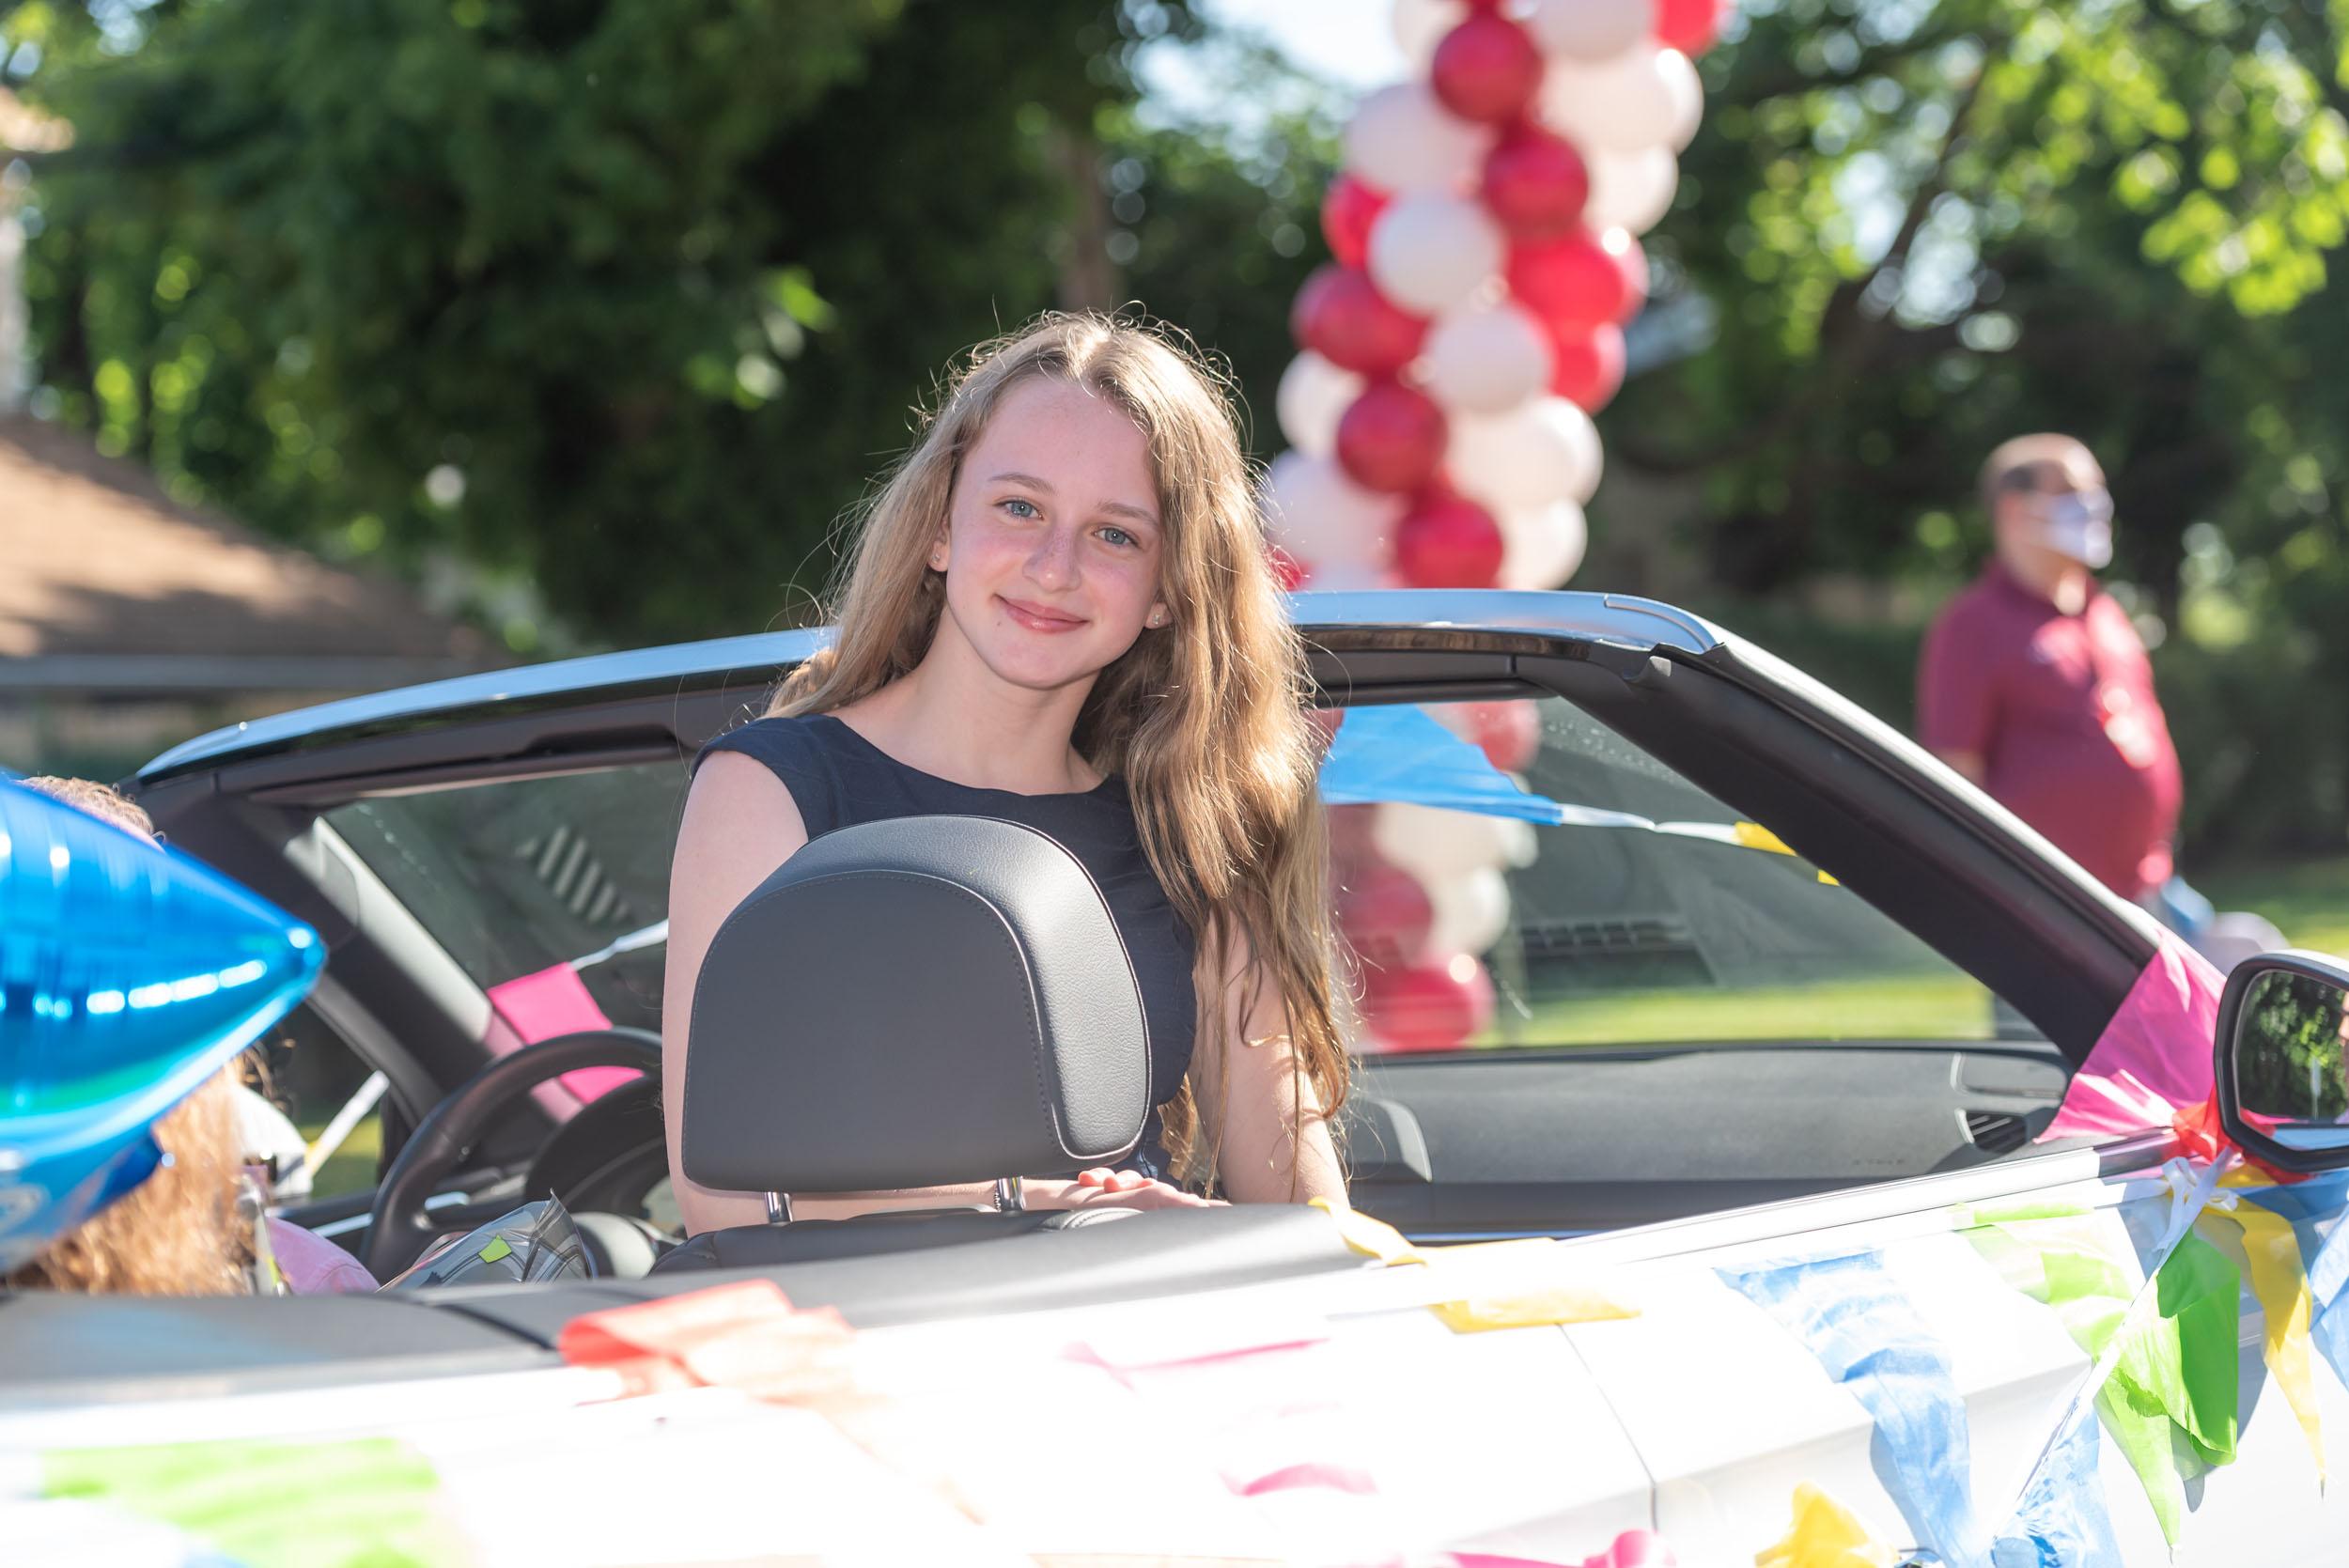 North Shore Middle School Car Parade